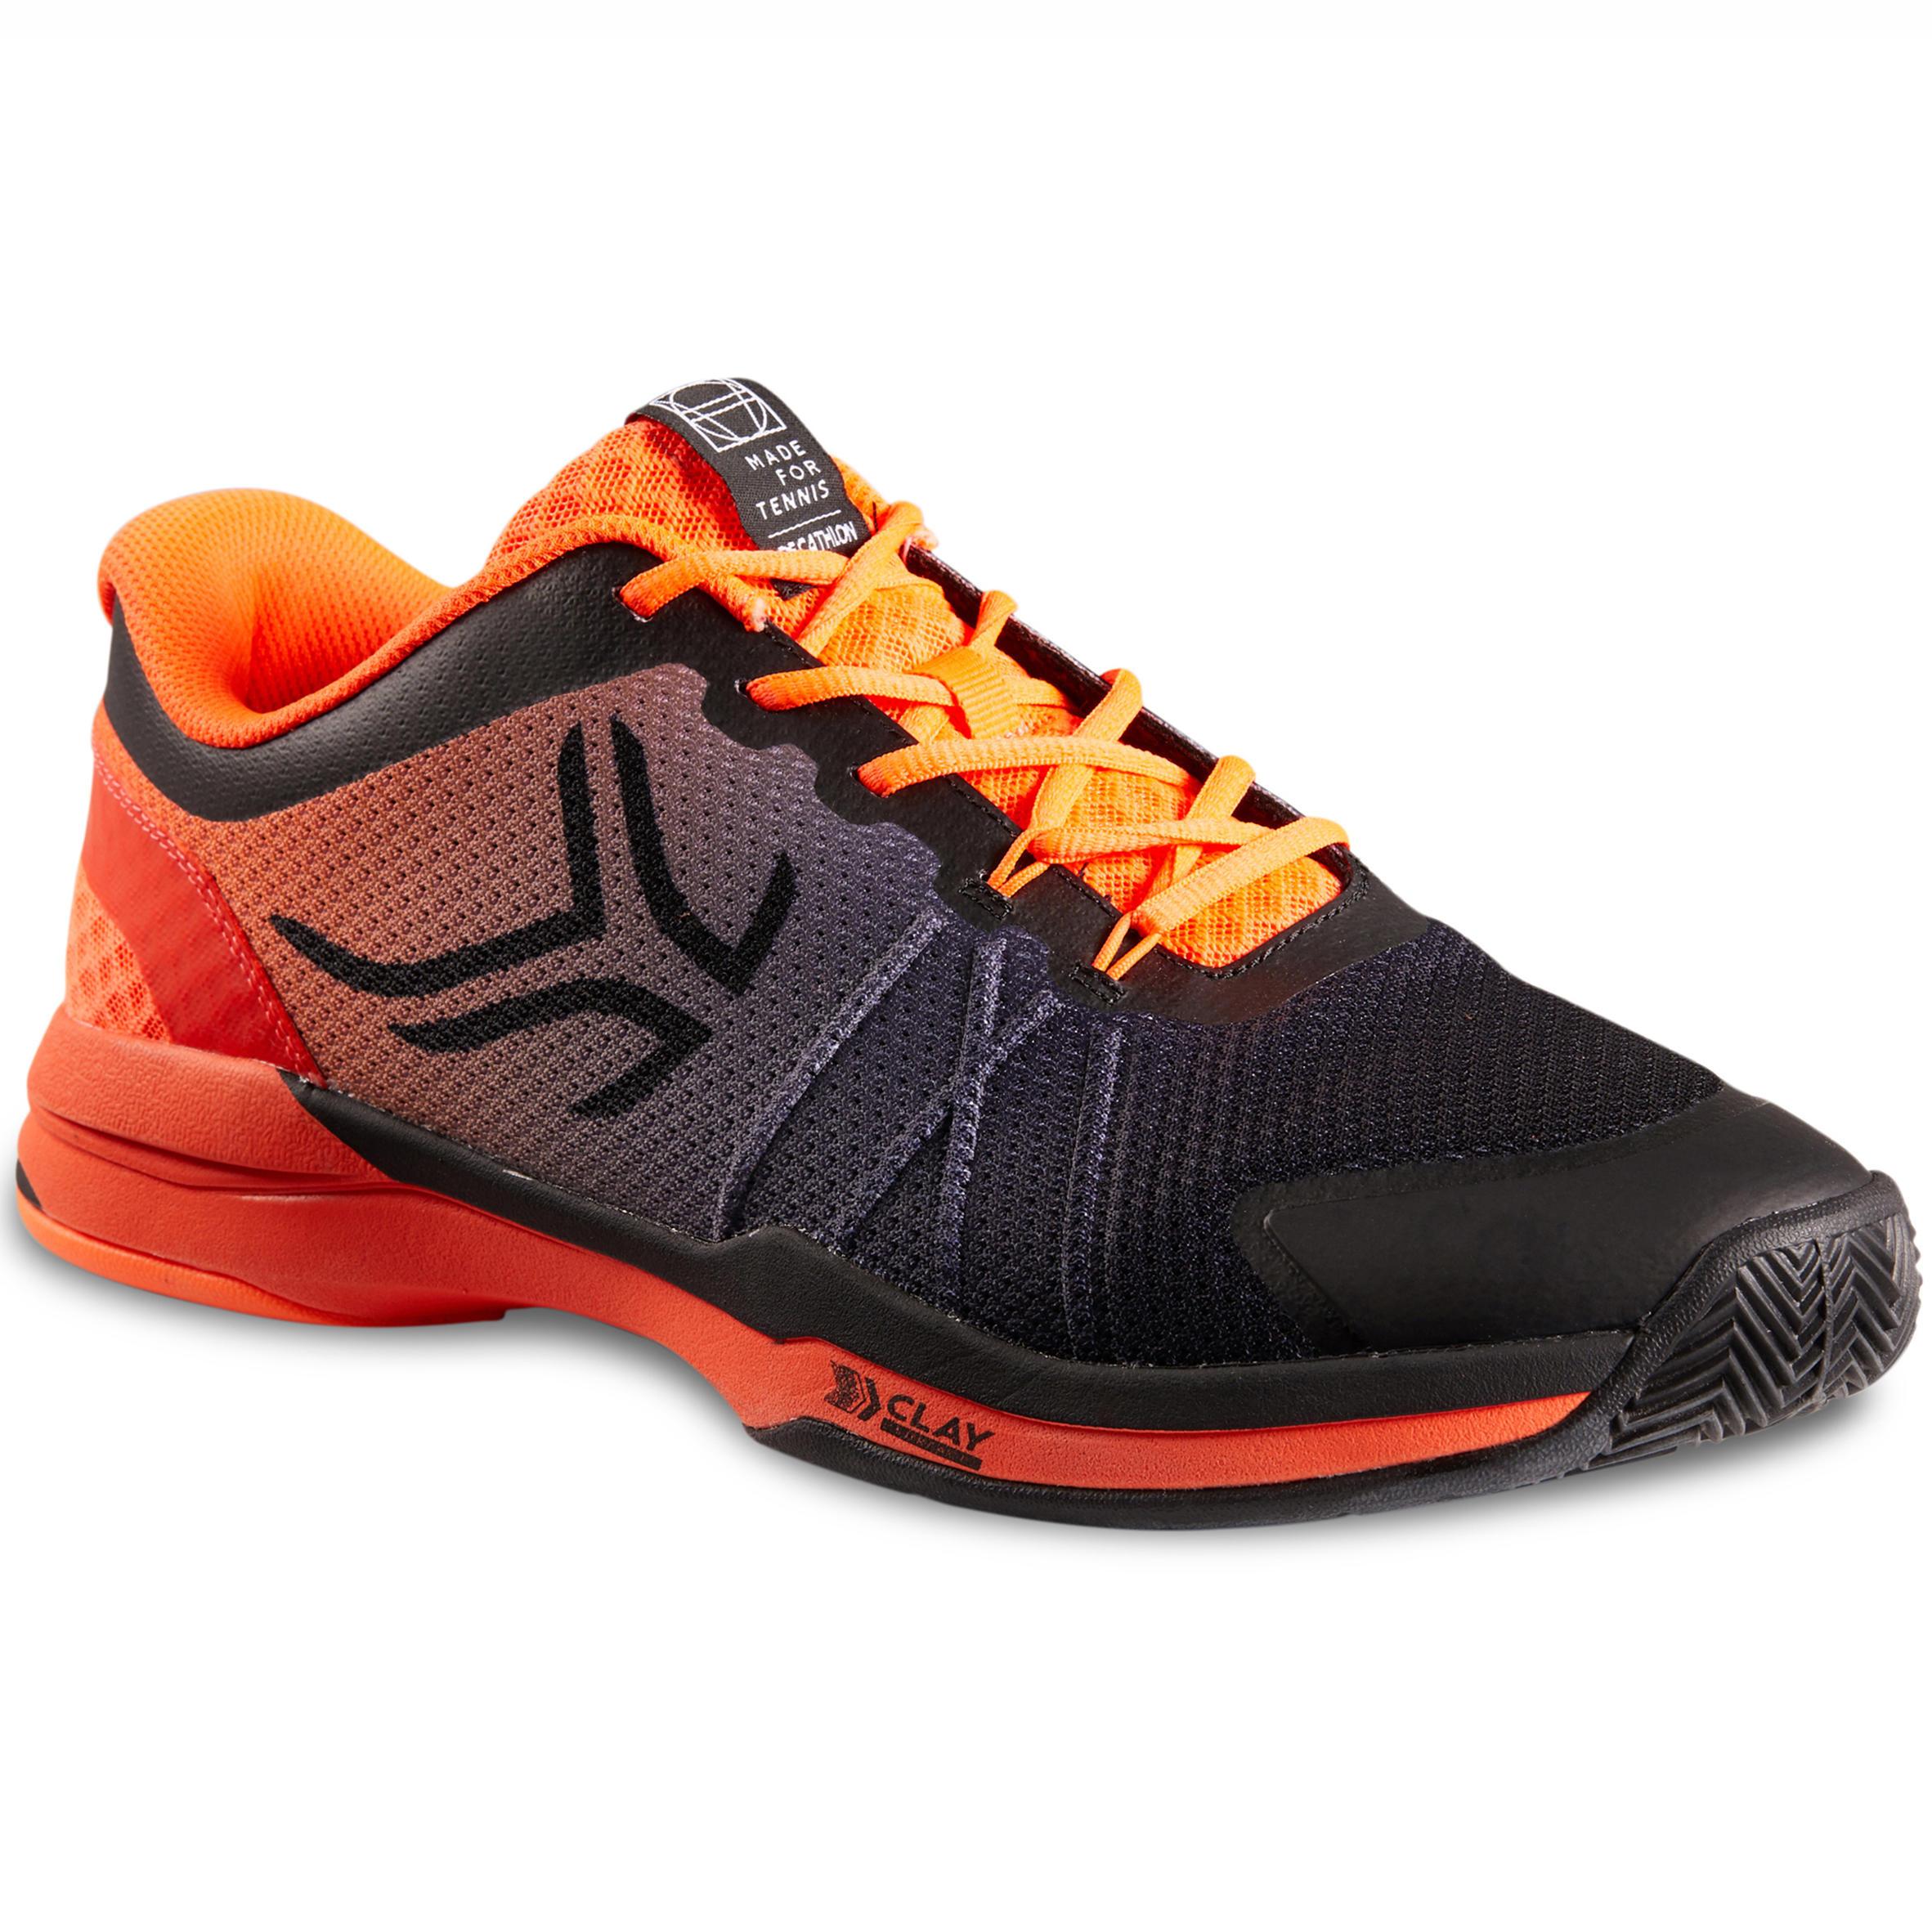 Comprar Zapatillas y calzado de tenis hombre  45b18565974cb